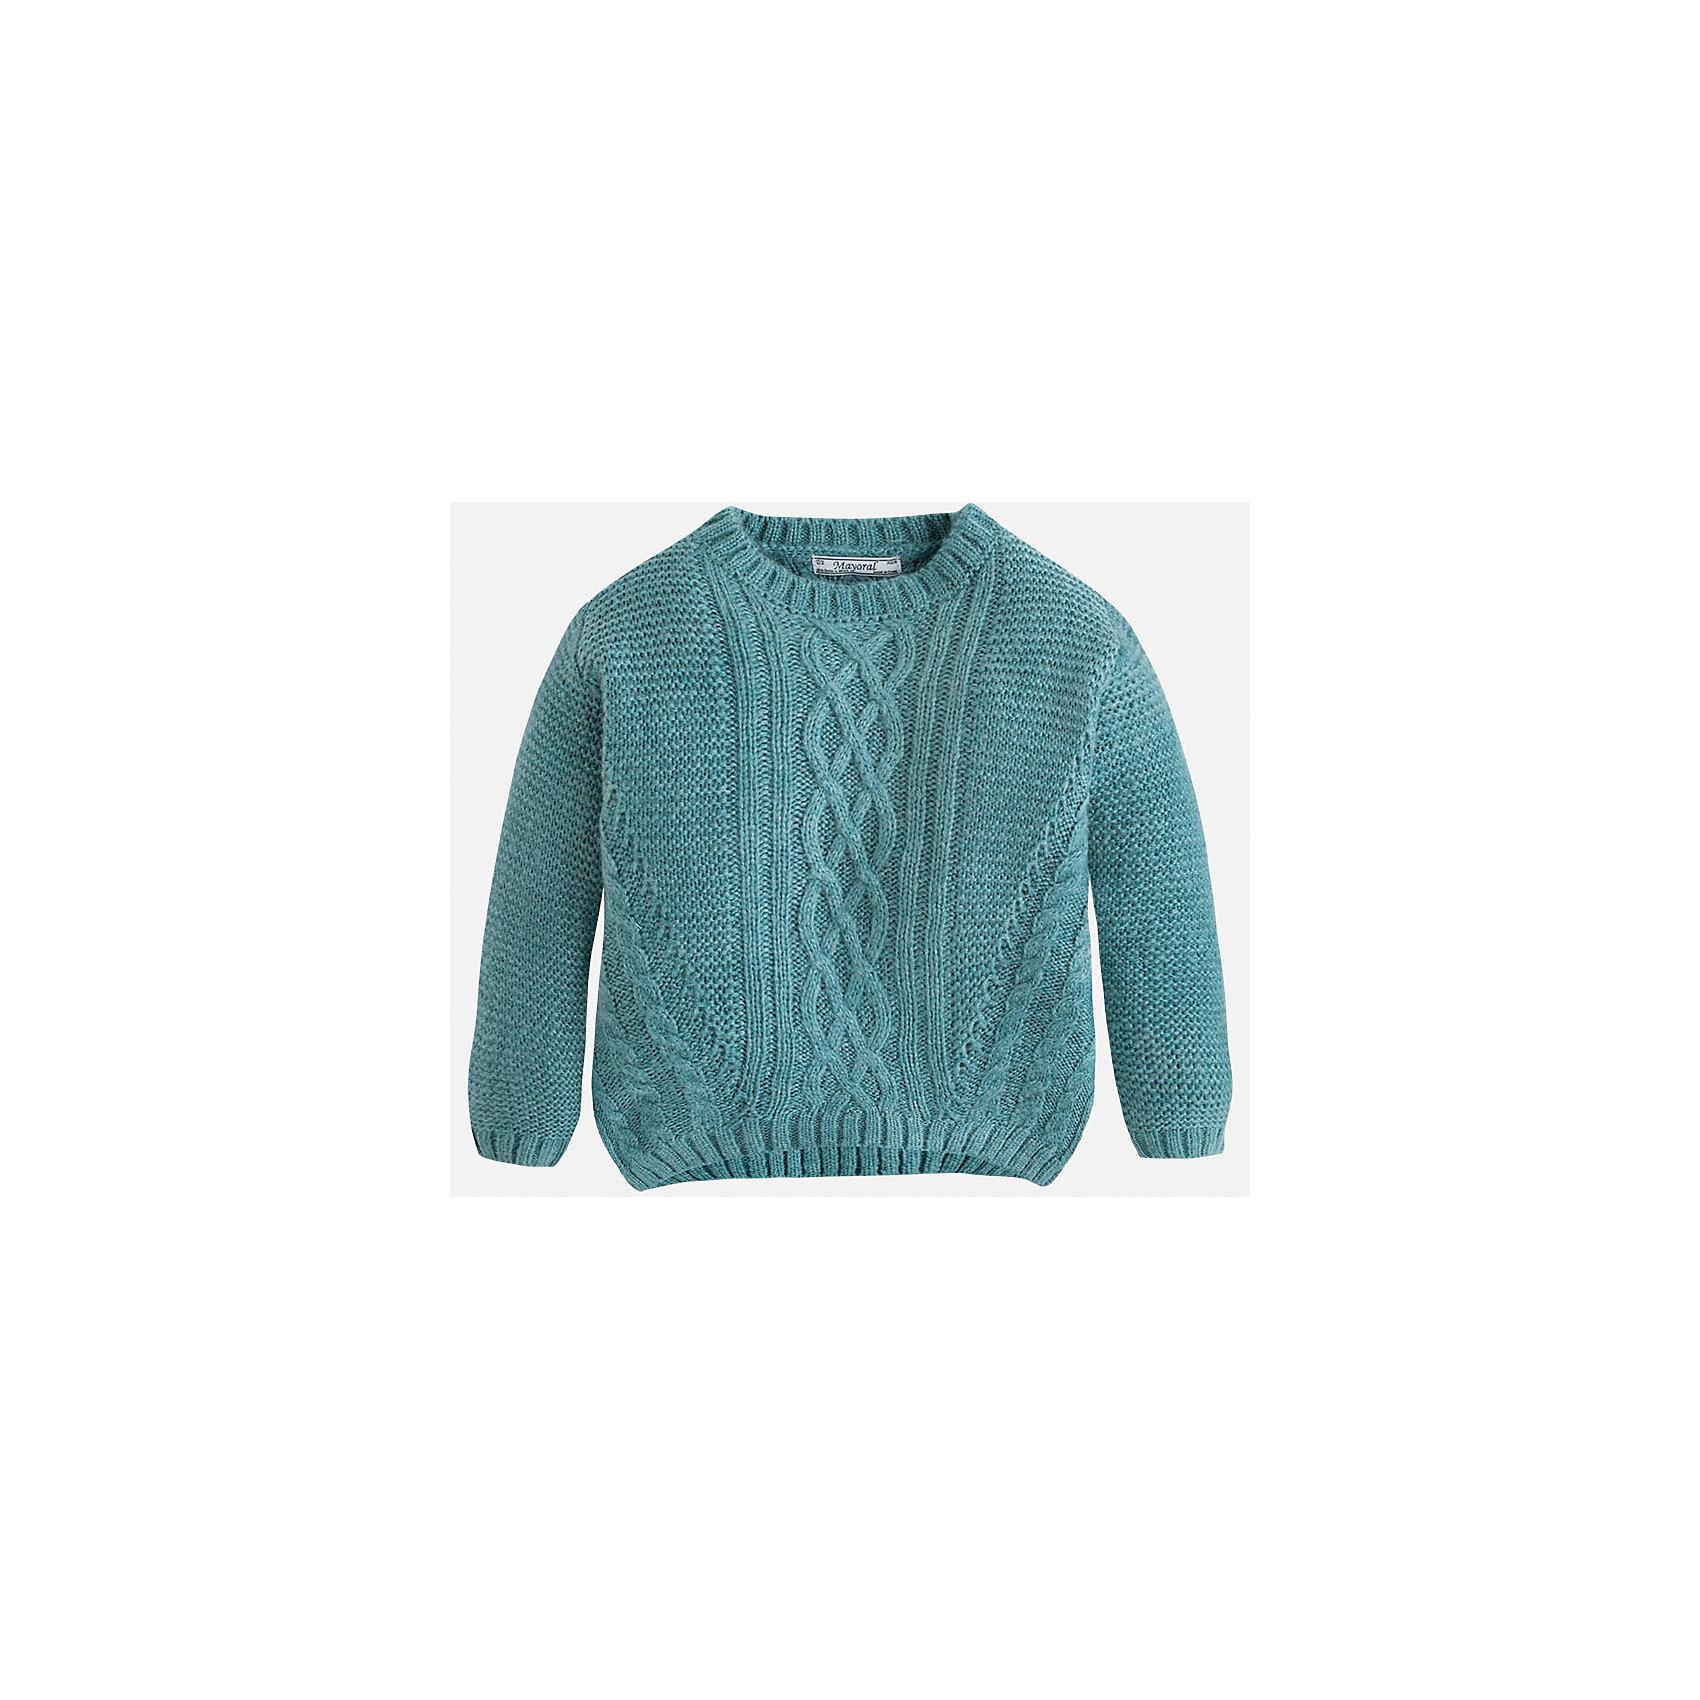 Свитер для девочки MayoralСвитера и кардиганы<br>Вязаный свитер  цвета морской волны торговой марки    Майорал -Mayoral для девочек.<br>Свитер выполнен из акрила.  Изделие из  мягкого трикотажа с рукавами реглан, впереди украшено узором, будет прекрасно сочетаться с джинсами и брюками.<br><br>Дополнительная информация: <br><br>- цвет: бирюзовый<br>- состав: акрил 100%<br>- фактура материала: текстильный<br>- тип карманов: без карманов<br>- уход за вещами: бережная стирка при 30 градусах<br>- рисунок: без рисунка<br>- назначение: повседневная<br>- сезон: круглогодичный<br>- пол: девочки<br>- страна бренда: Испания<br>- комплектация: свитер<br><br>Свитер для девочки торговой марки Mayoral можно купить в нашем интернет-магазине.<br><br>Ширина мм: 190<br>Глубина мм: 74<br>Высота мм: 229<br>Вес г: 236<br>Цвет: зеленый<br>Возраст от месяцев: 96<br>Возраст до месяцев: 108<br>Пол: Женский<br>Возраст: Детский<br>Размер: 128,122,104,116,134,98,110<br>SKU: 4846611